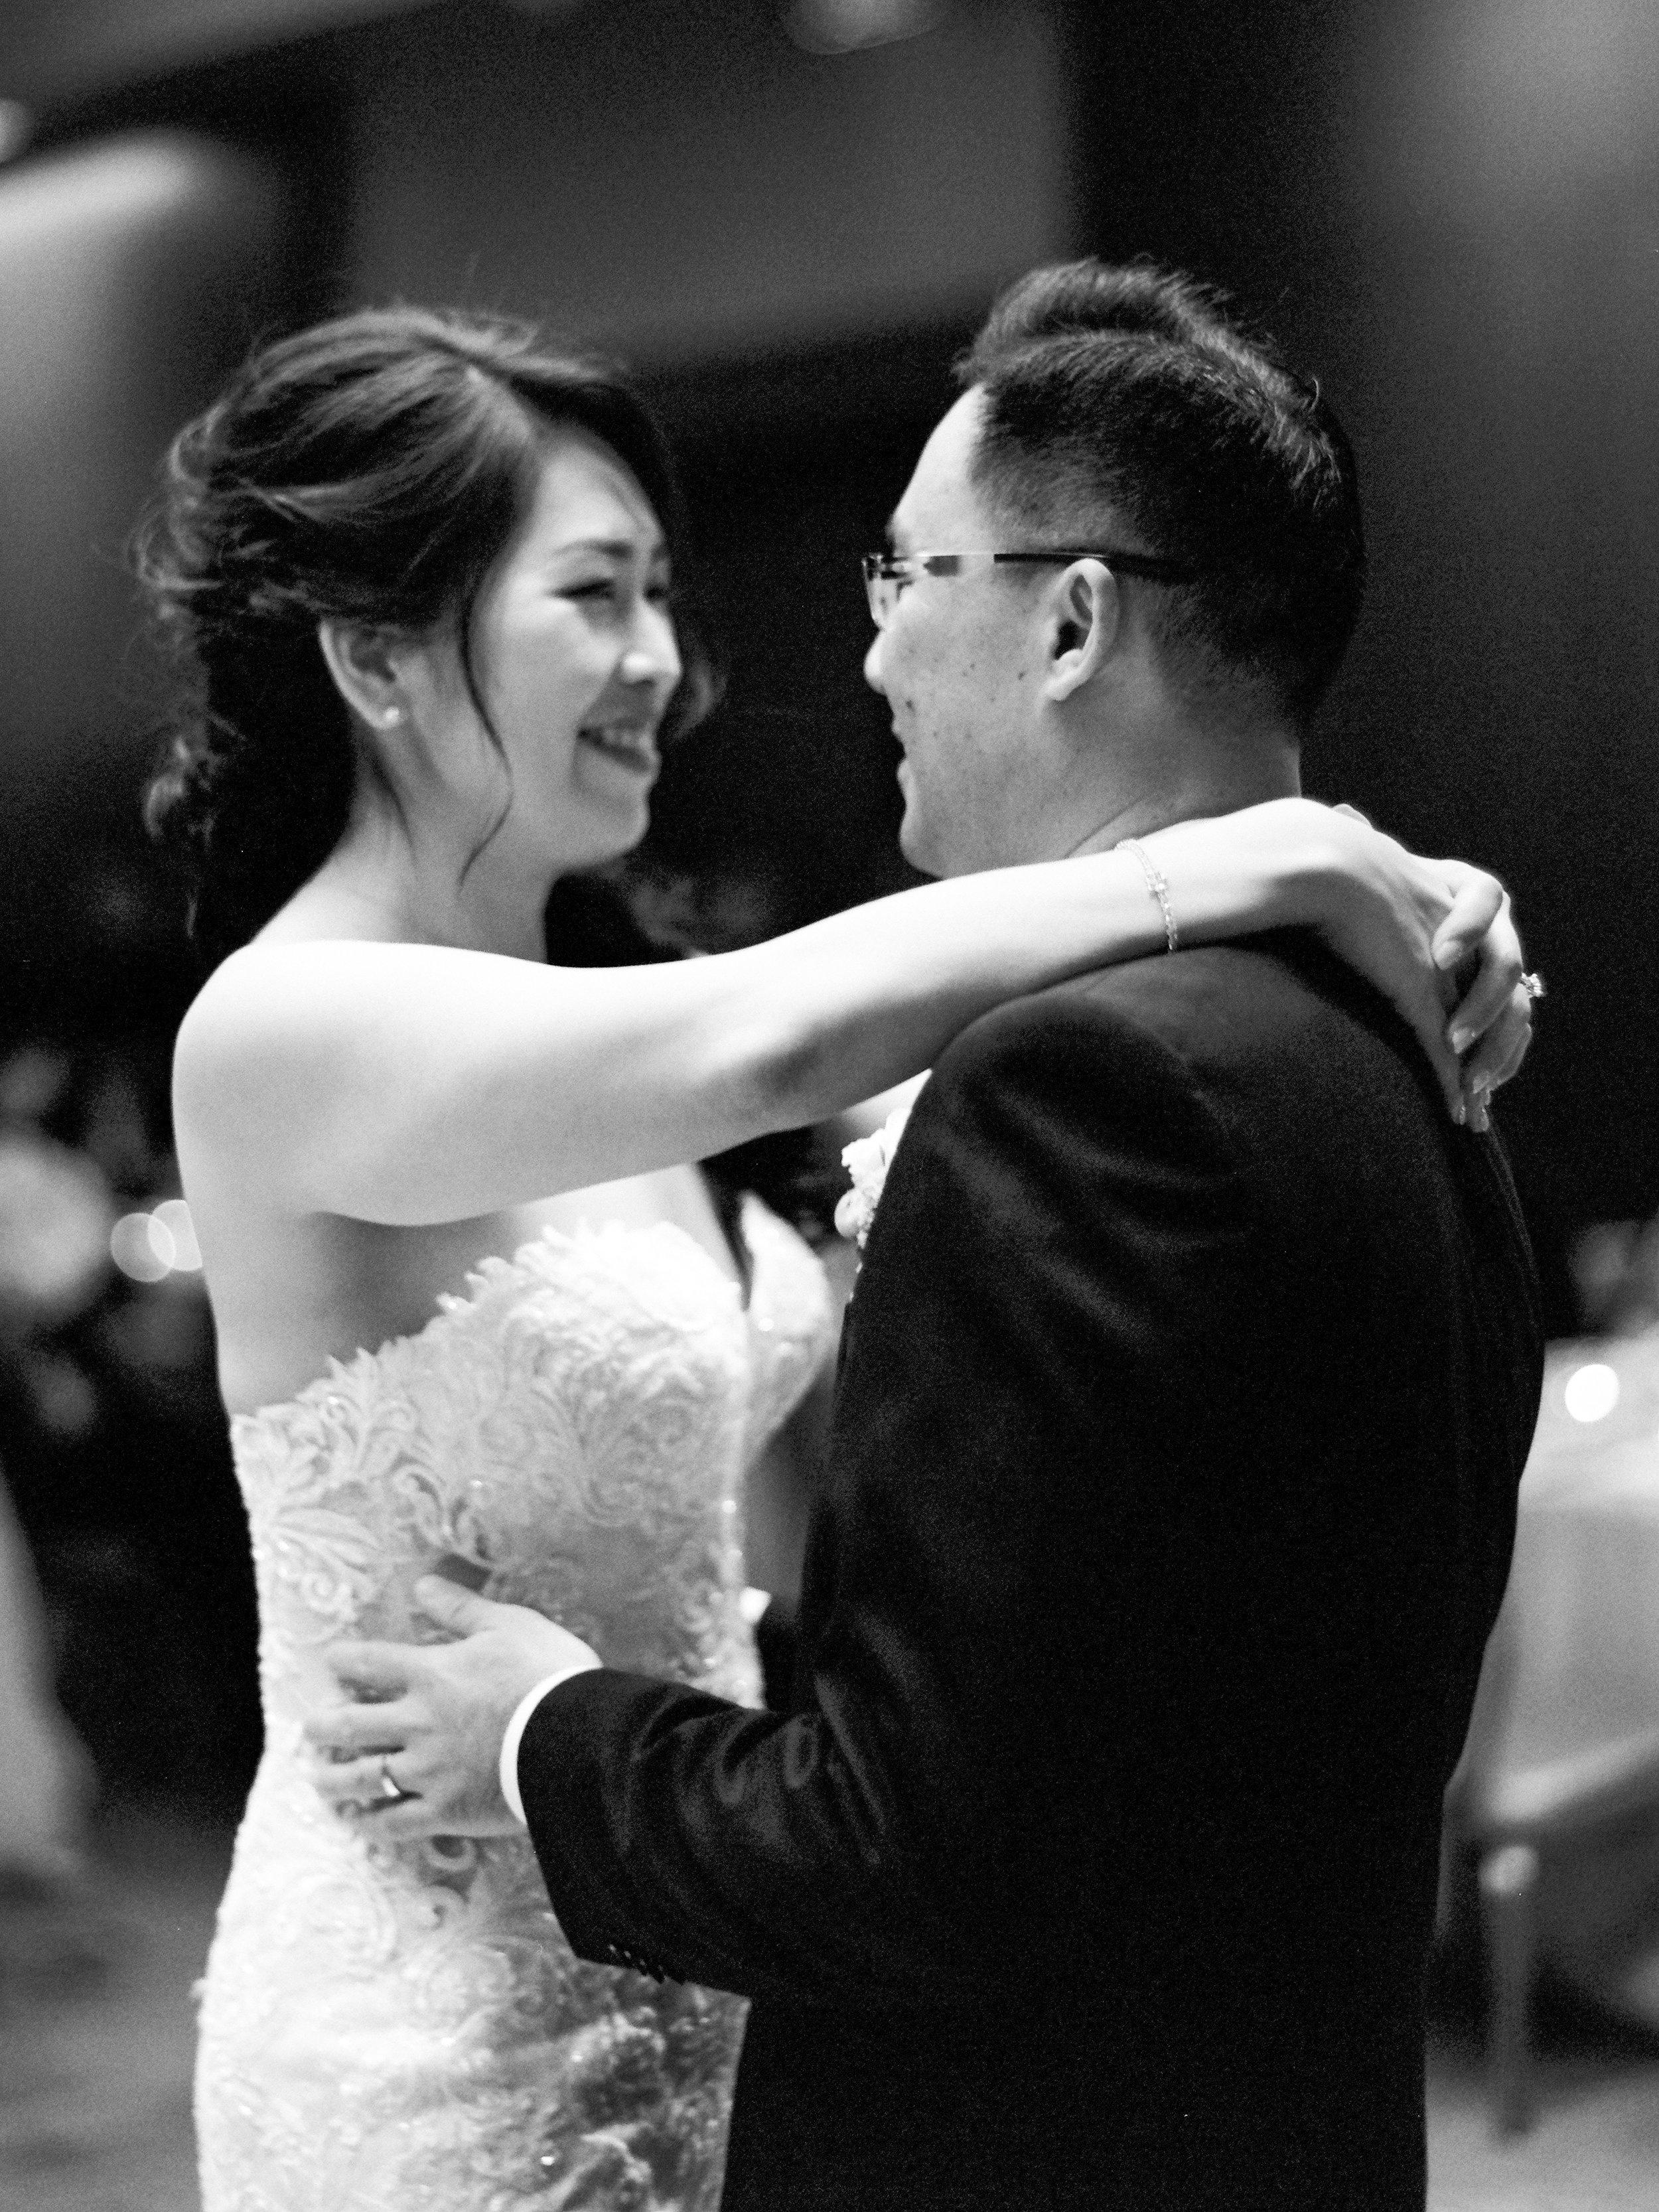 kelsandmichael_wedding_darren&joanne-377.jpg